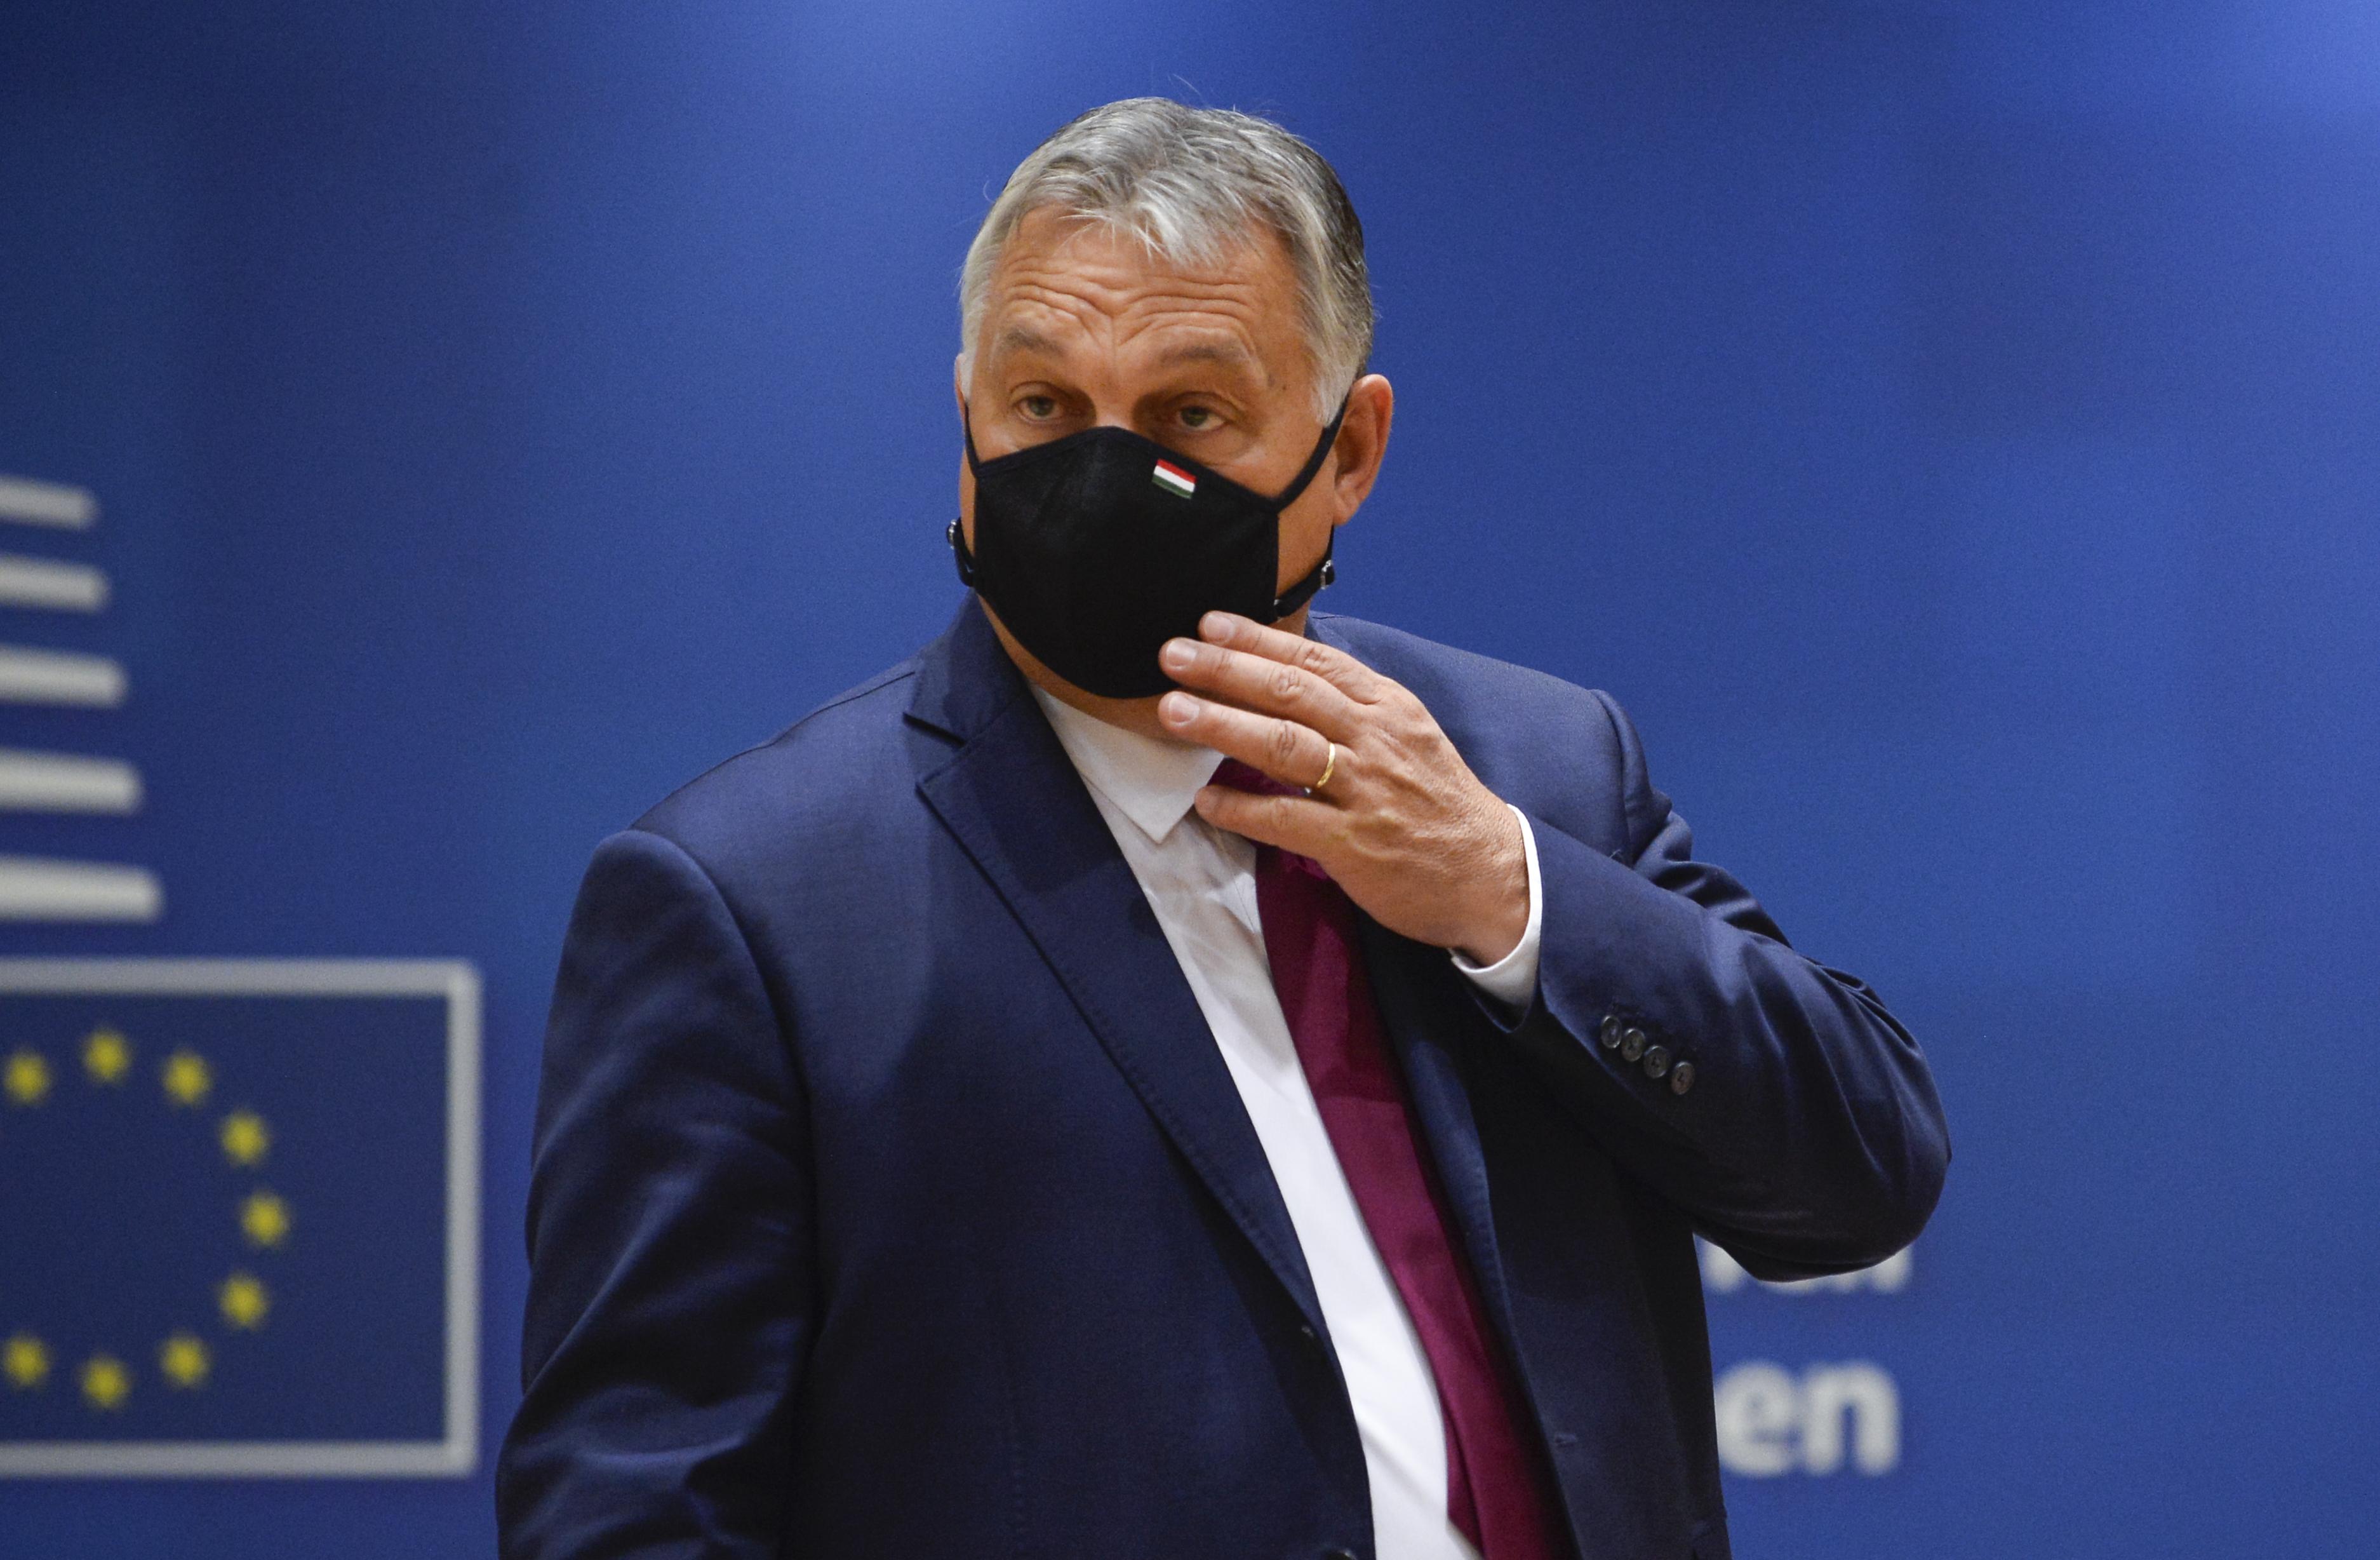 Orbánnak ellenség kellett, éppen egy mesekönyv akadt a keze ügyébe